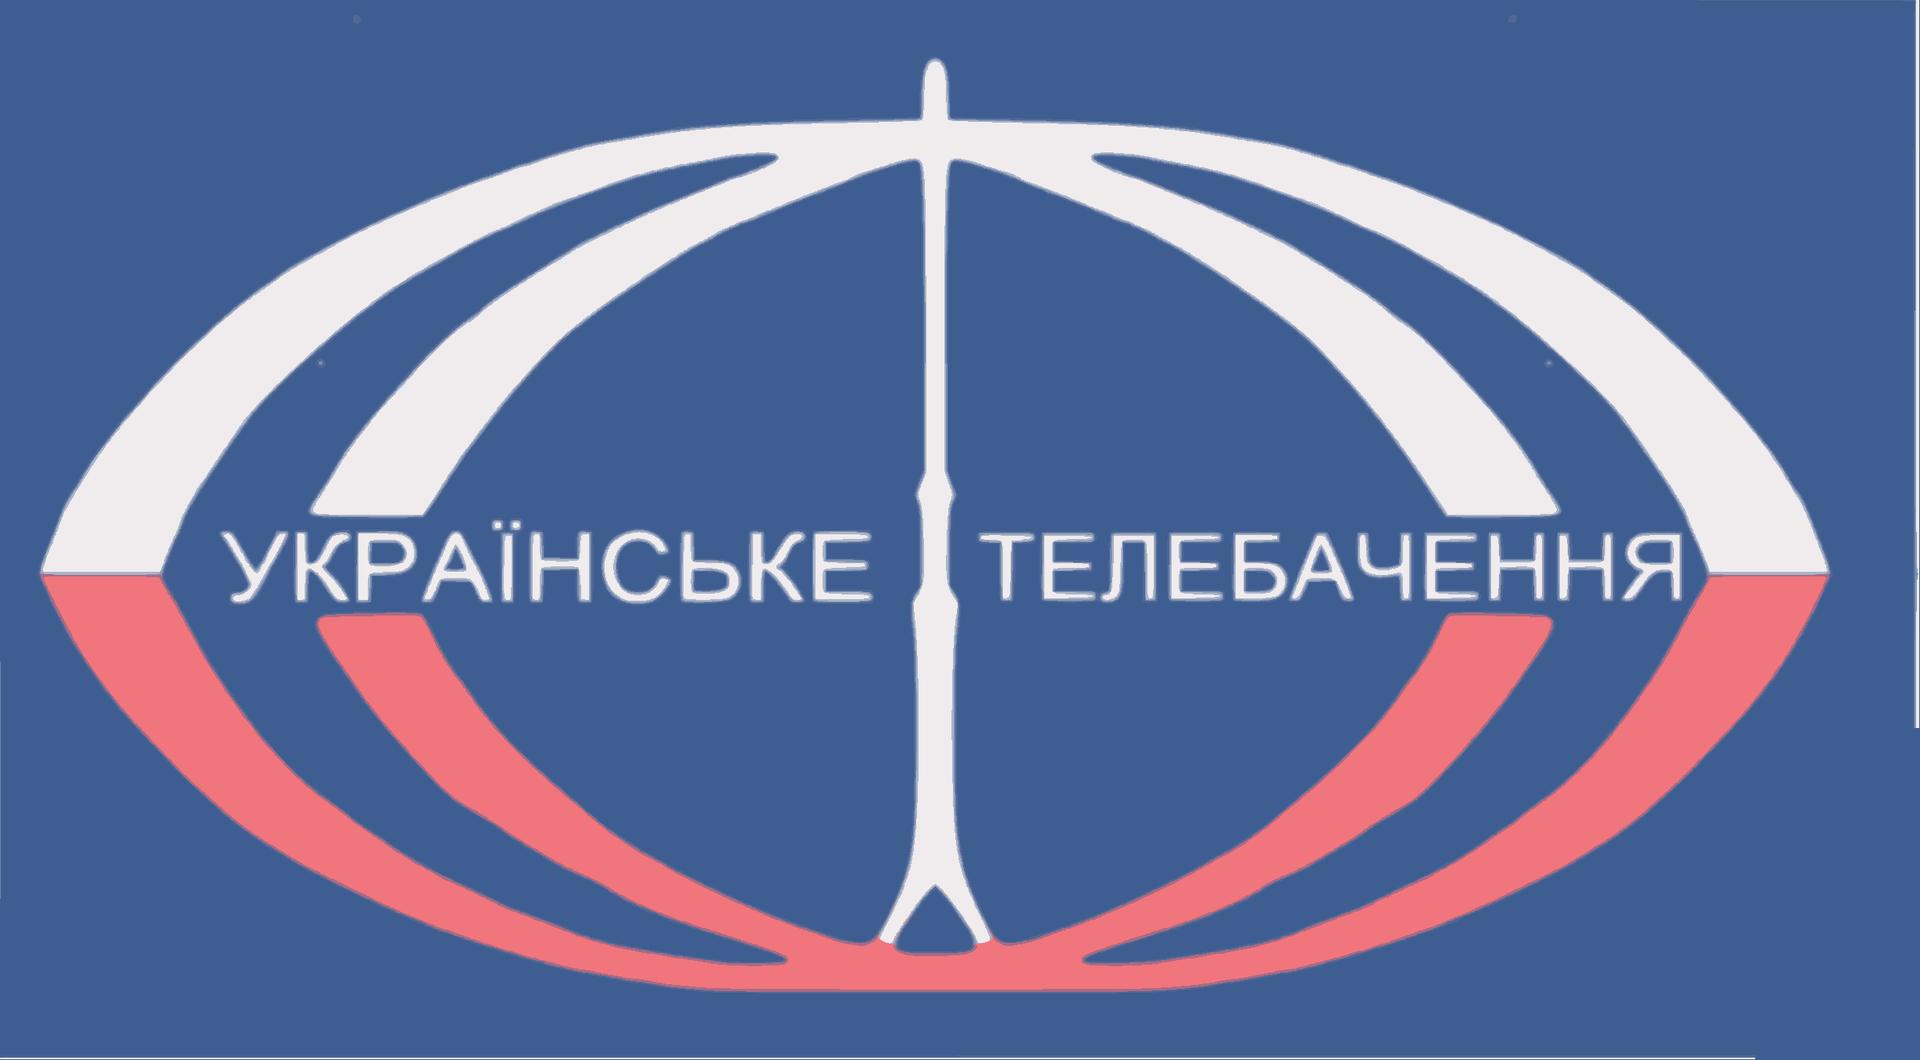 Логотип програм УТ 1974-1991 рр.